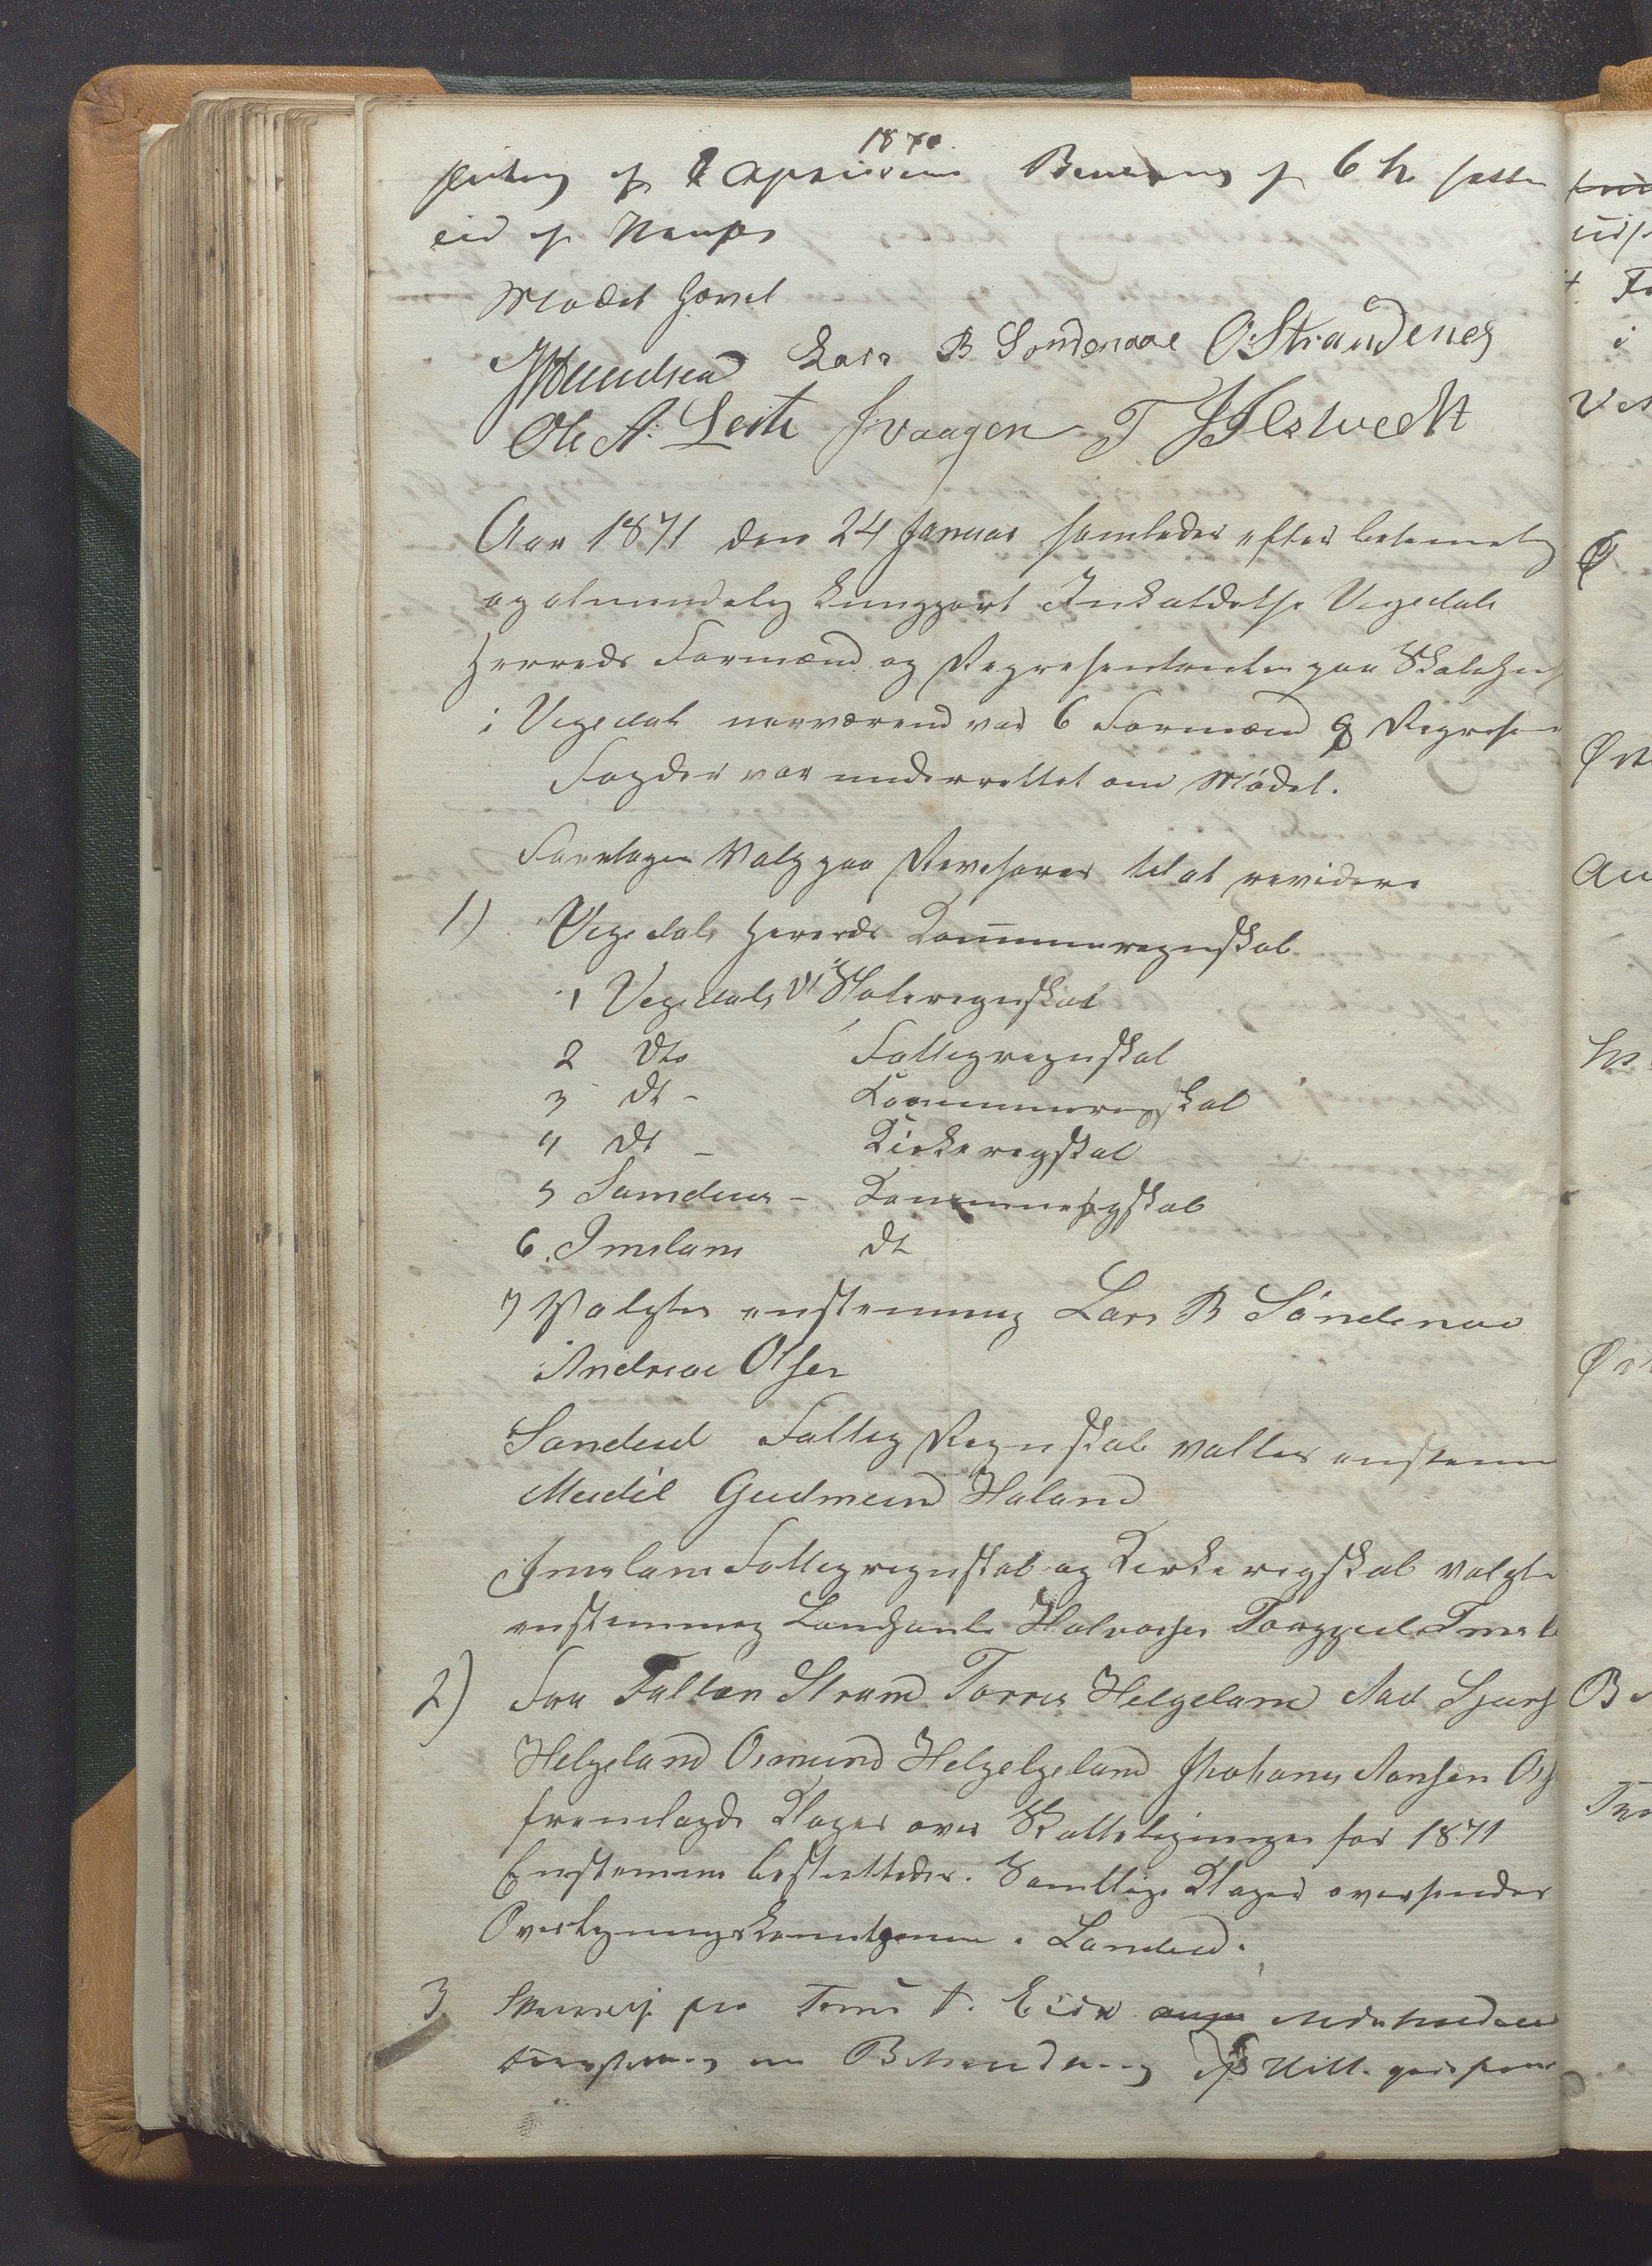 IKAR, Vikedal kommune - Formannskapet, Aaa/L0001: Møtebok, 1837-1874, s. 205b